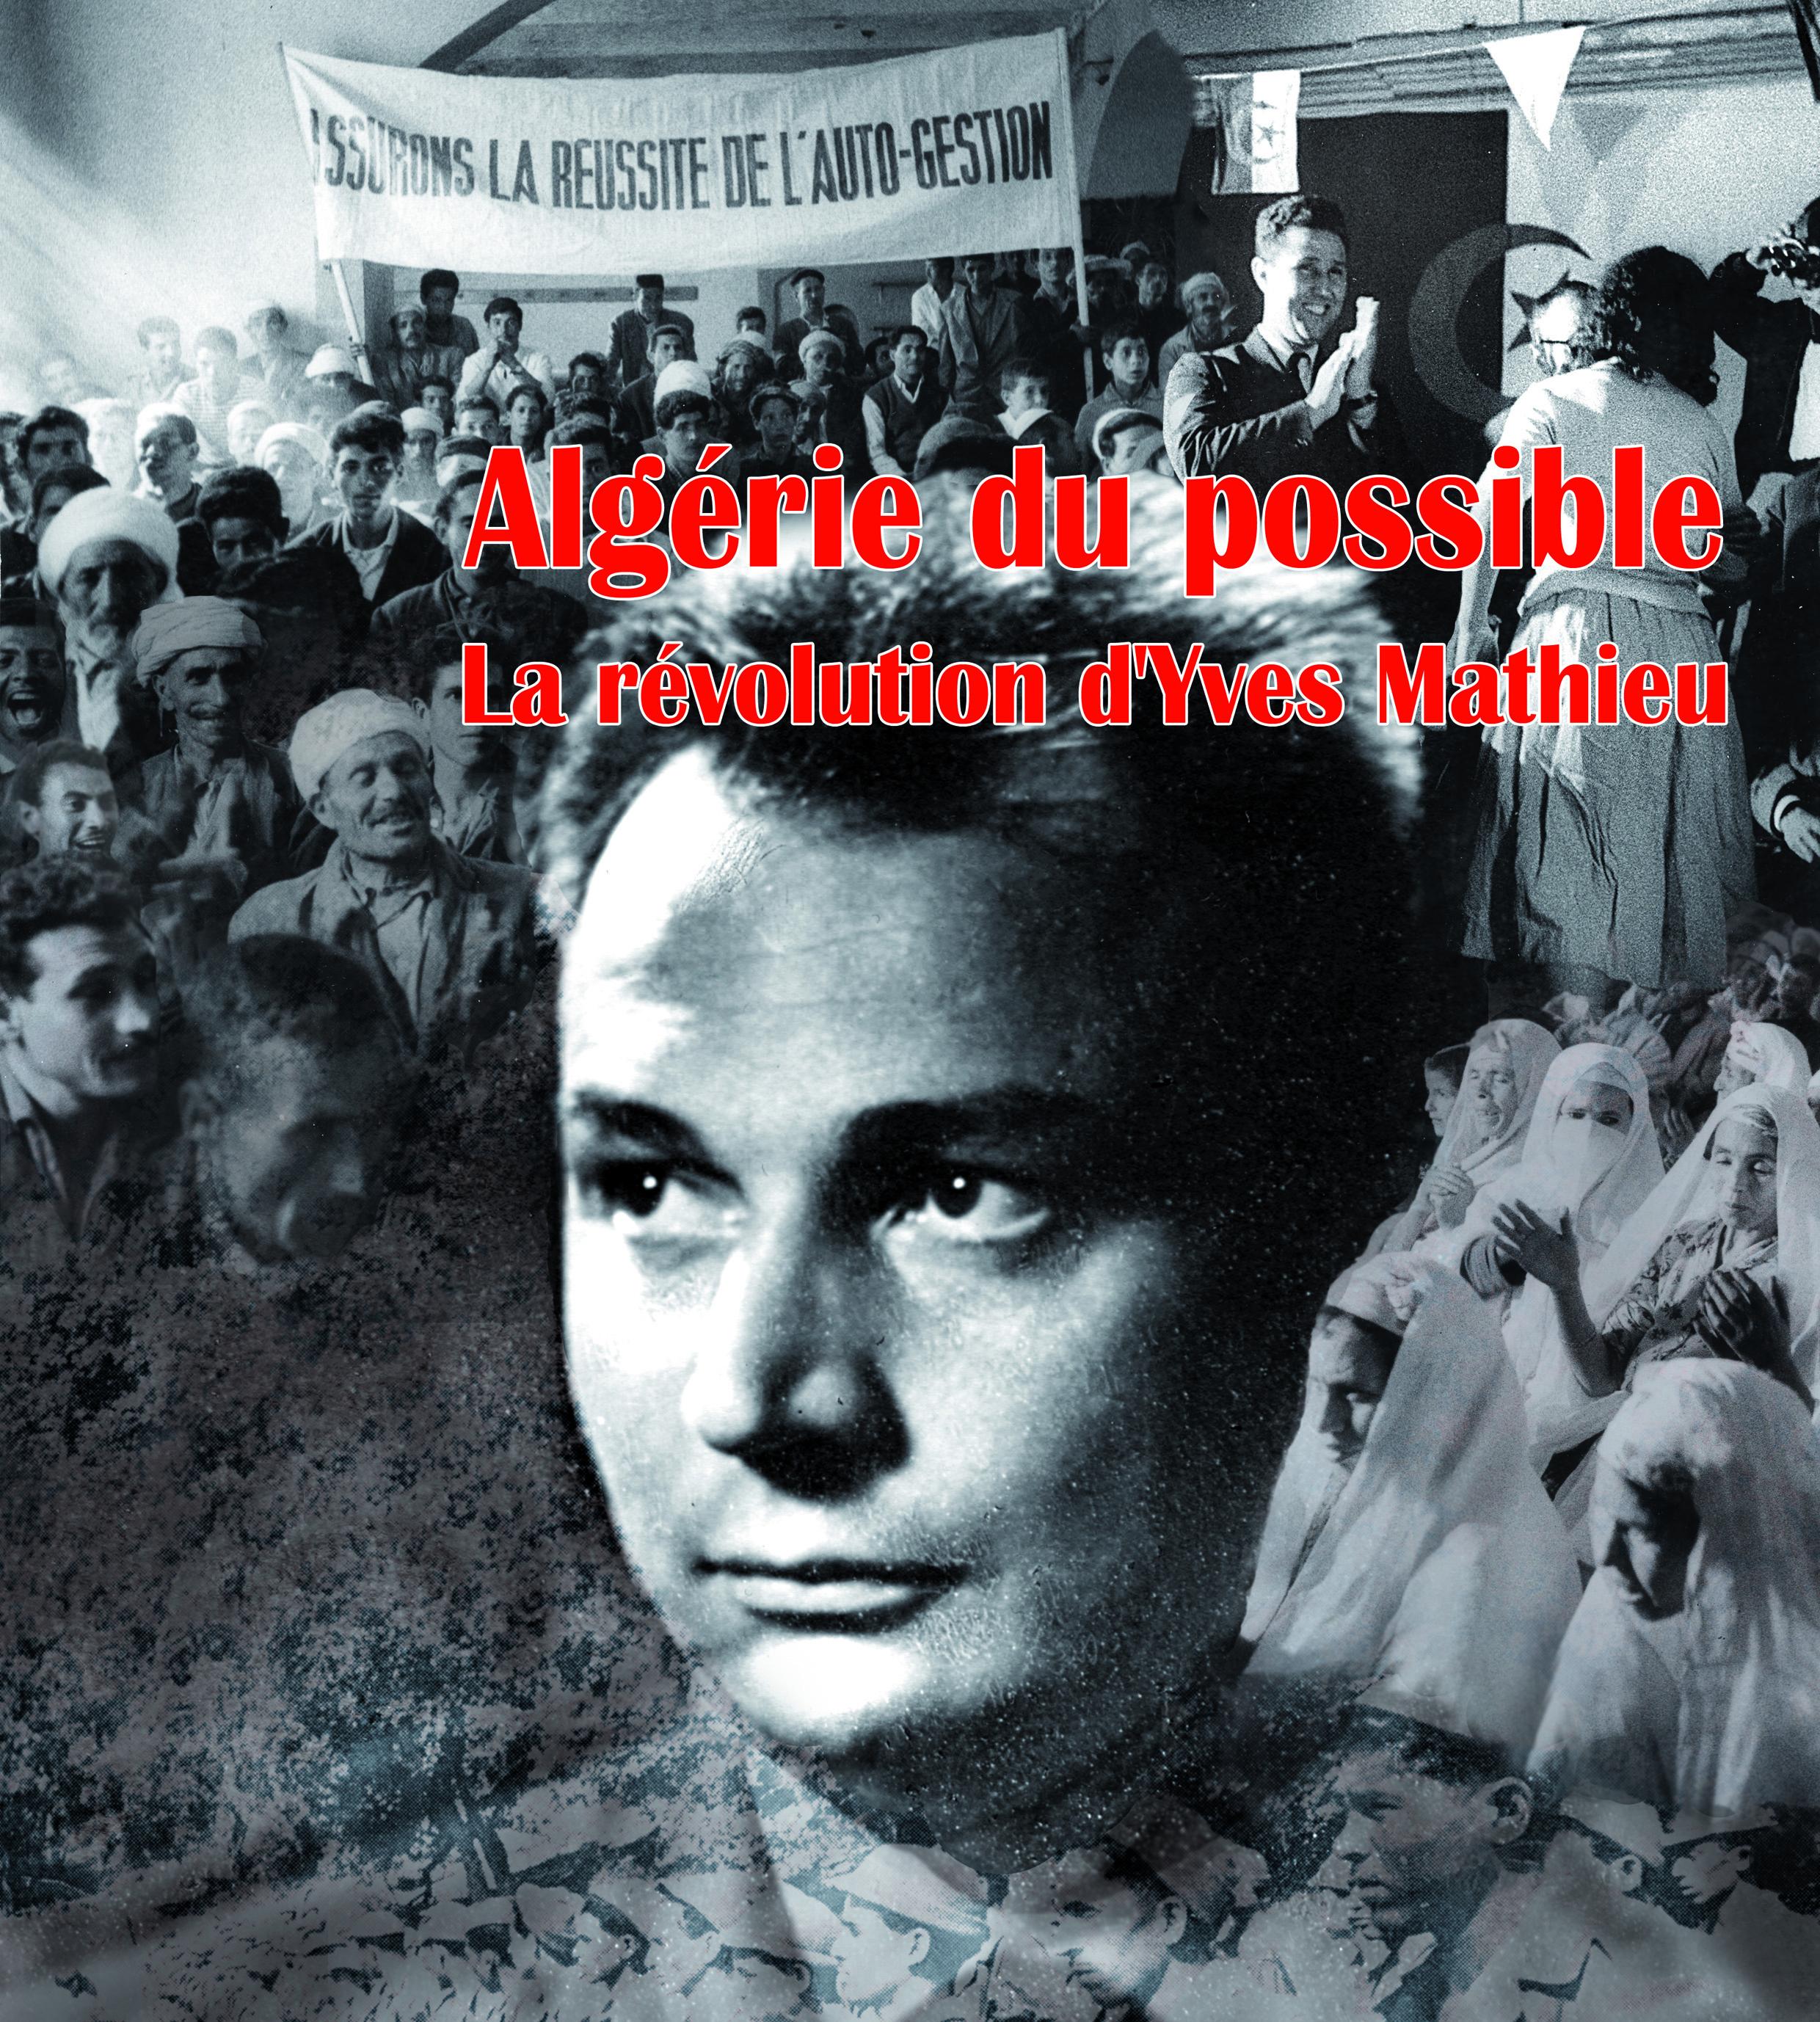 algerie-du-possible